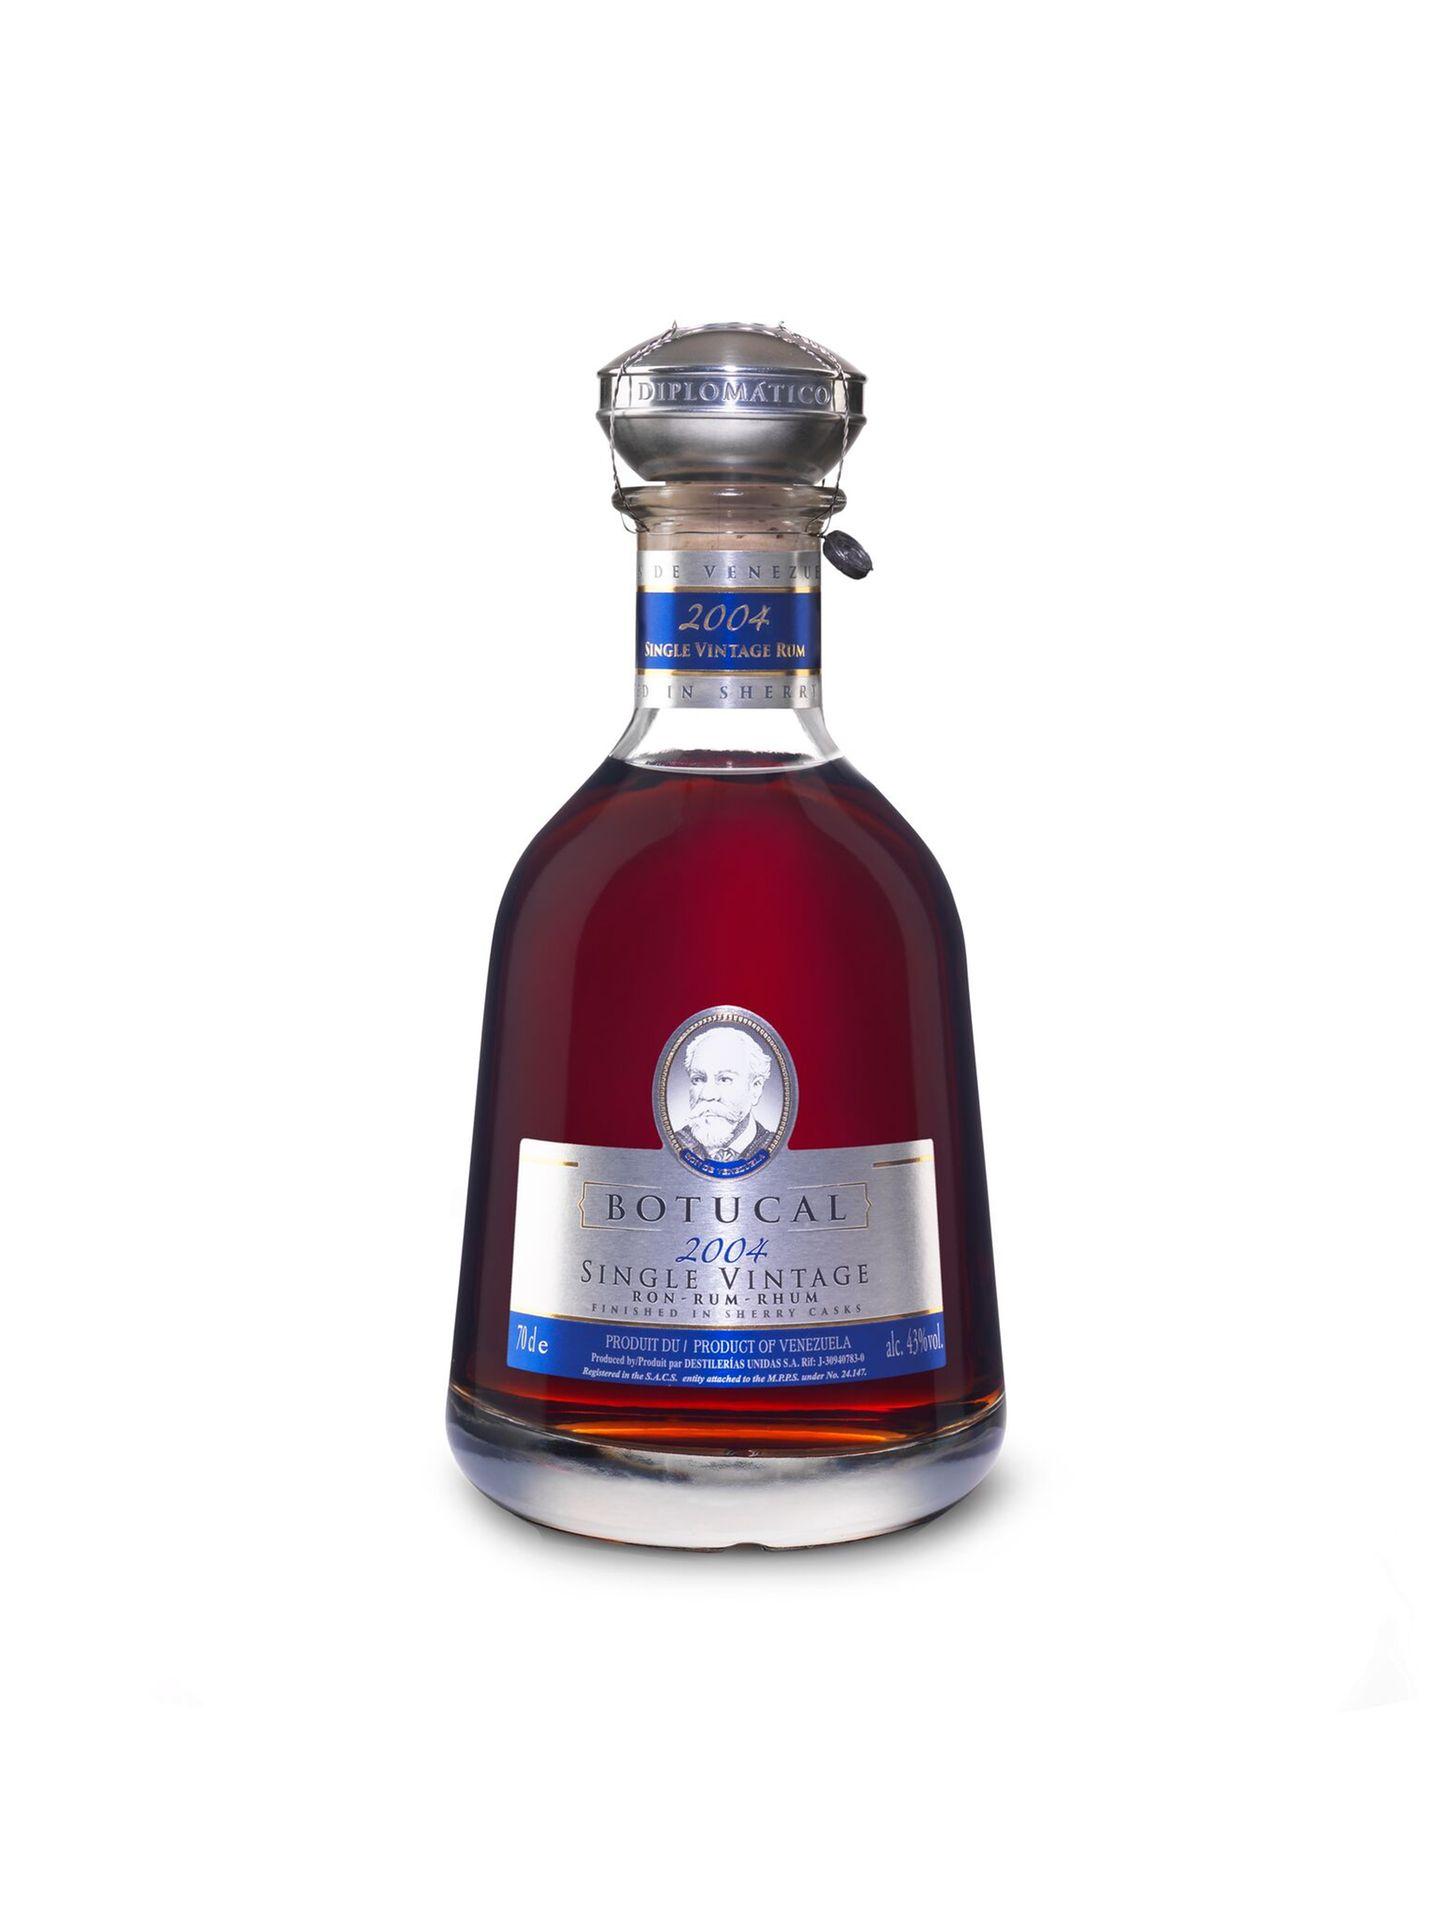 Weihnachtsgeschenke für den Partner: Botucal Single Vintage Rum